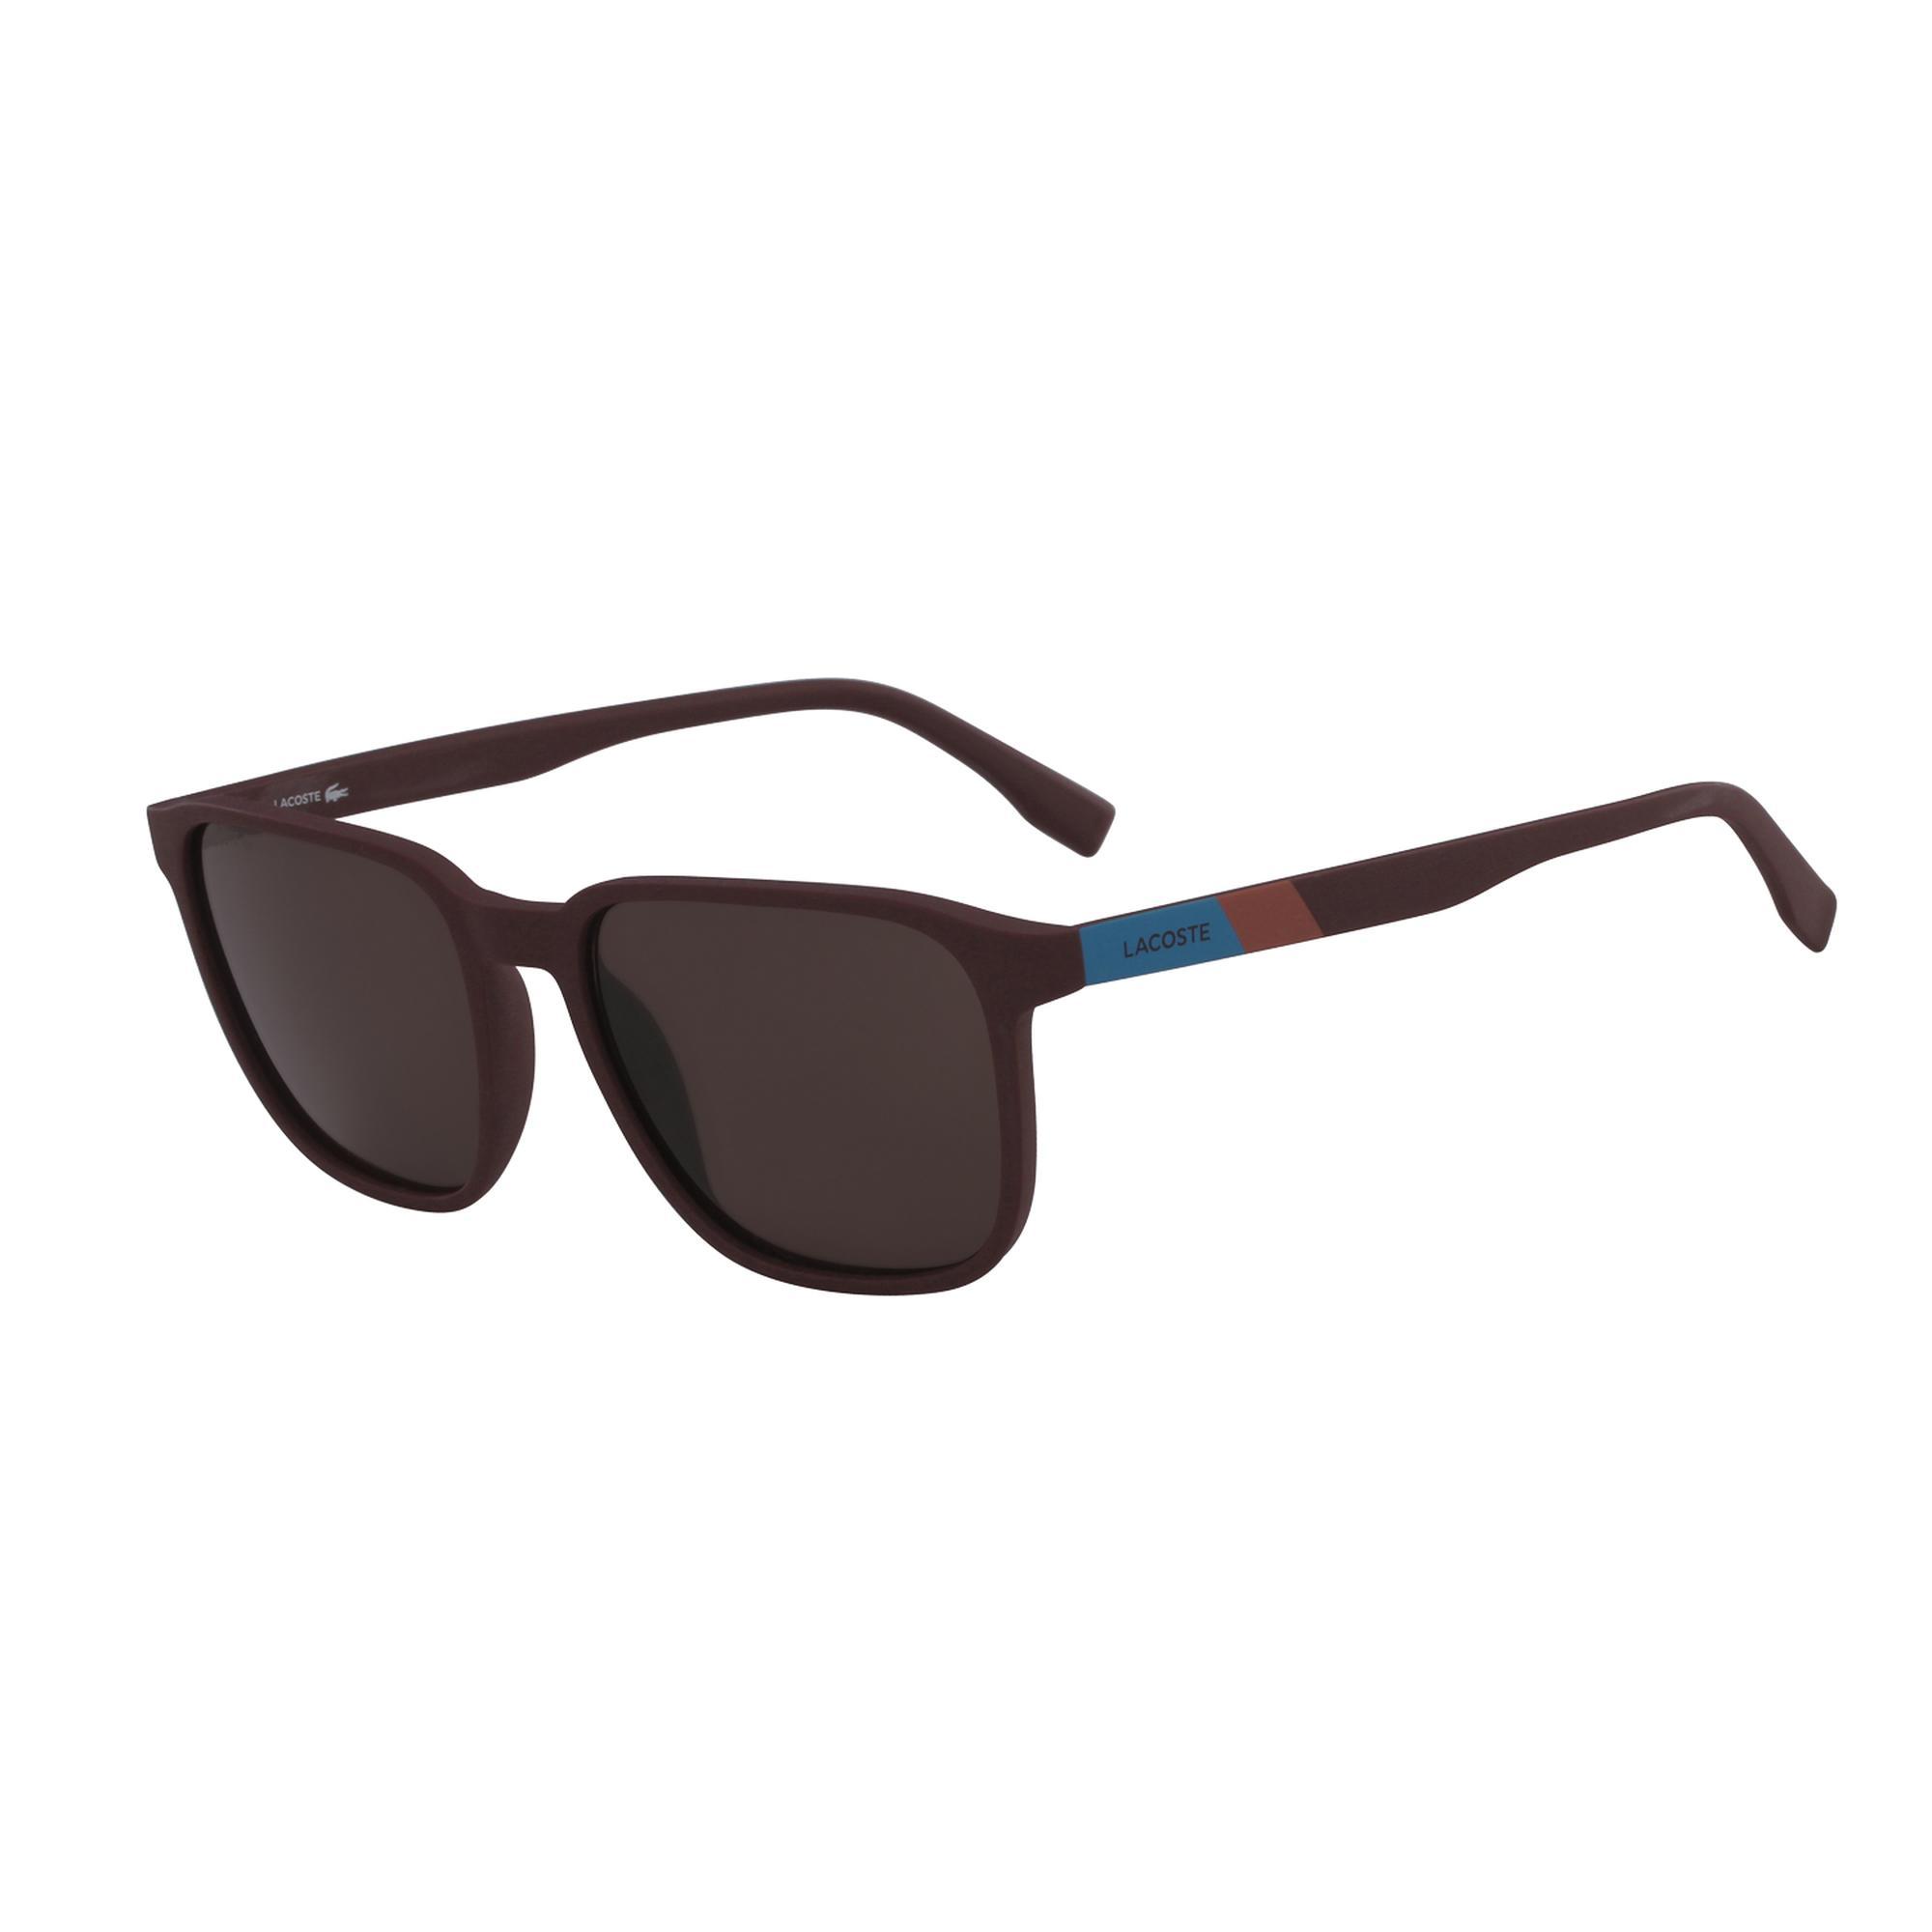 Lacoste Unisex Renkli Güneş Gözlüğü